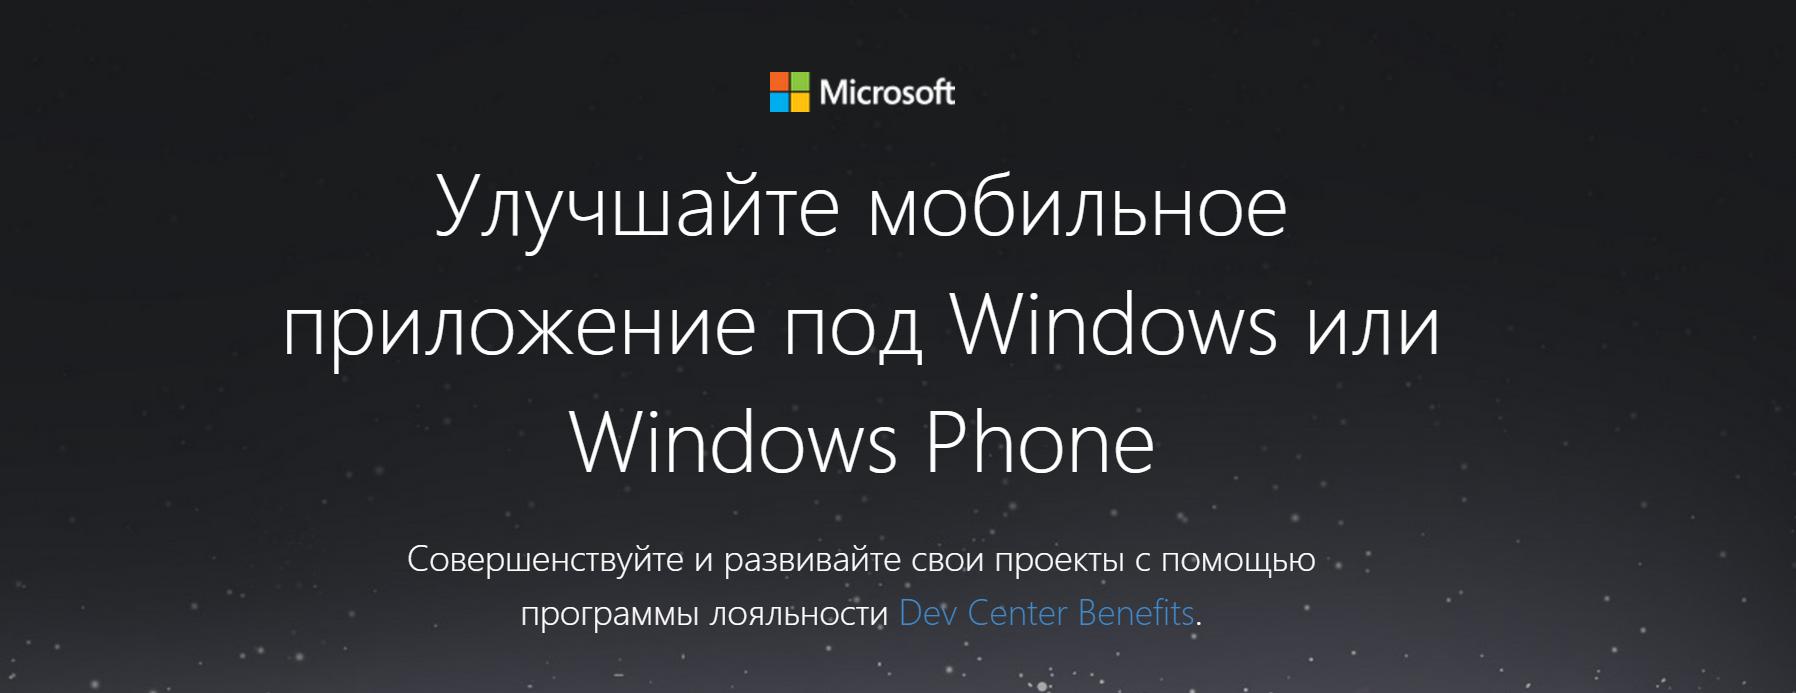 Новая программа лояльности для разработчиков от Microsoft - 1